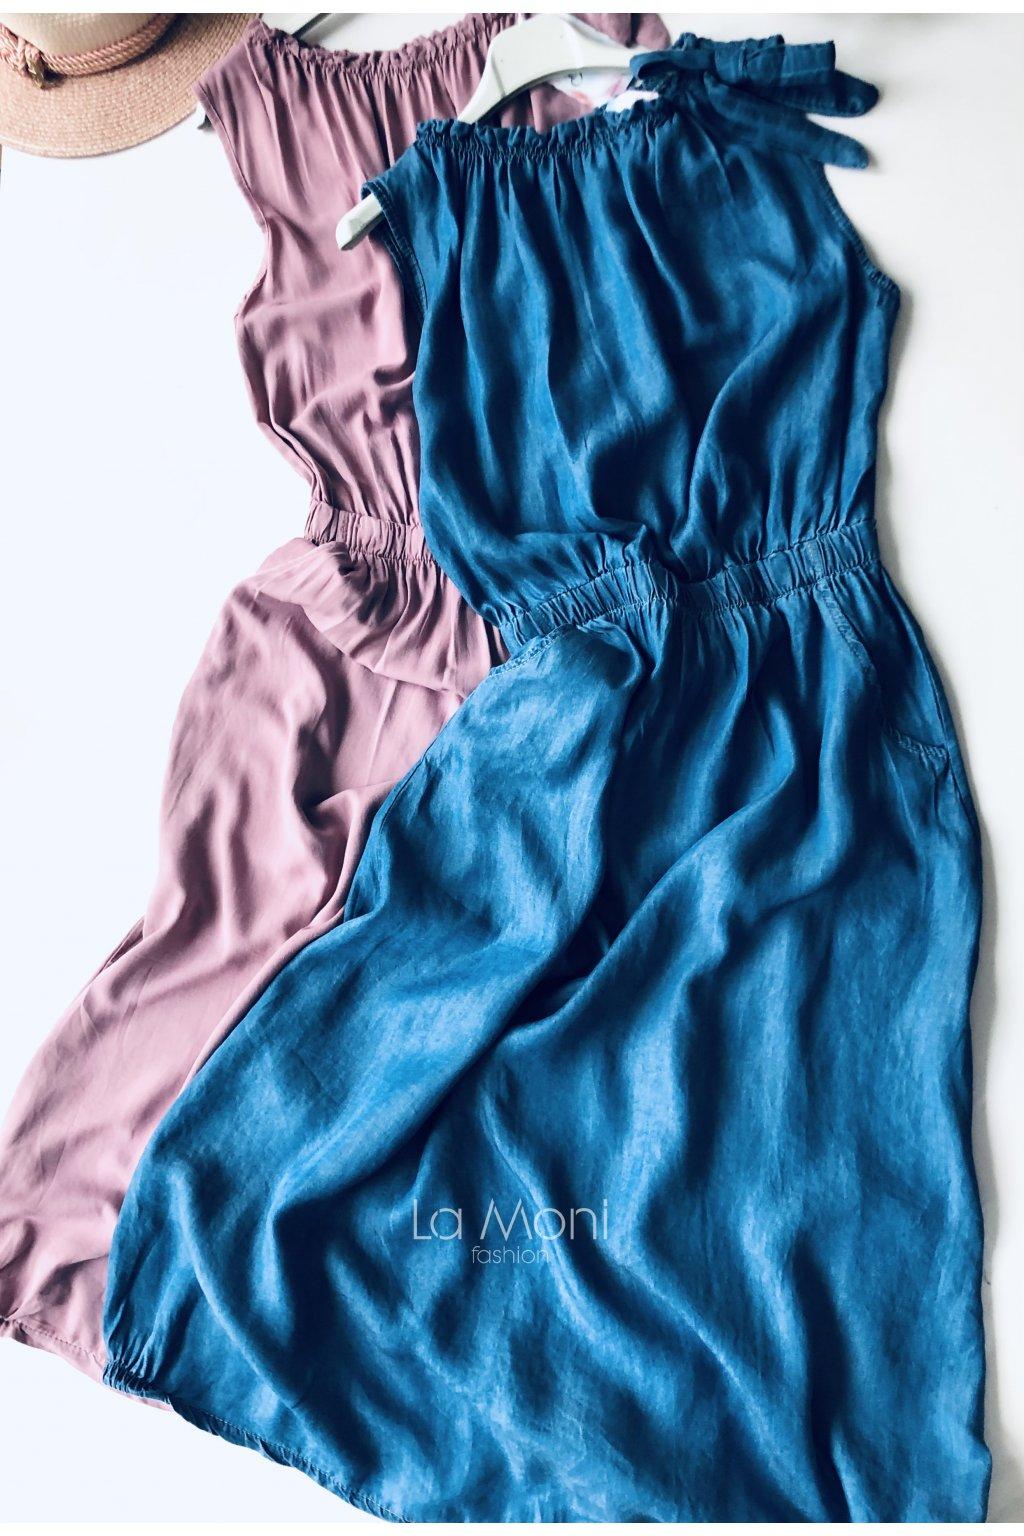 Úžasné šaty s balónovou sukní